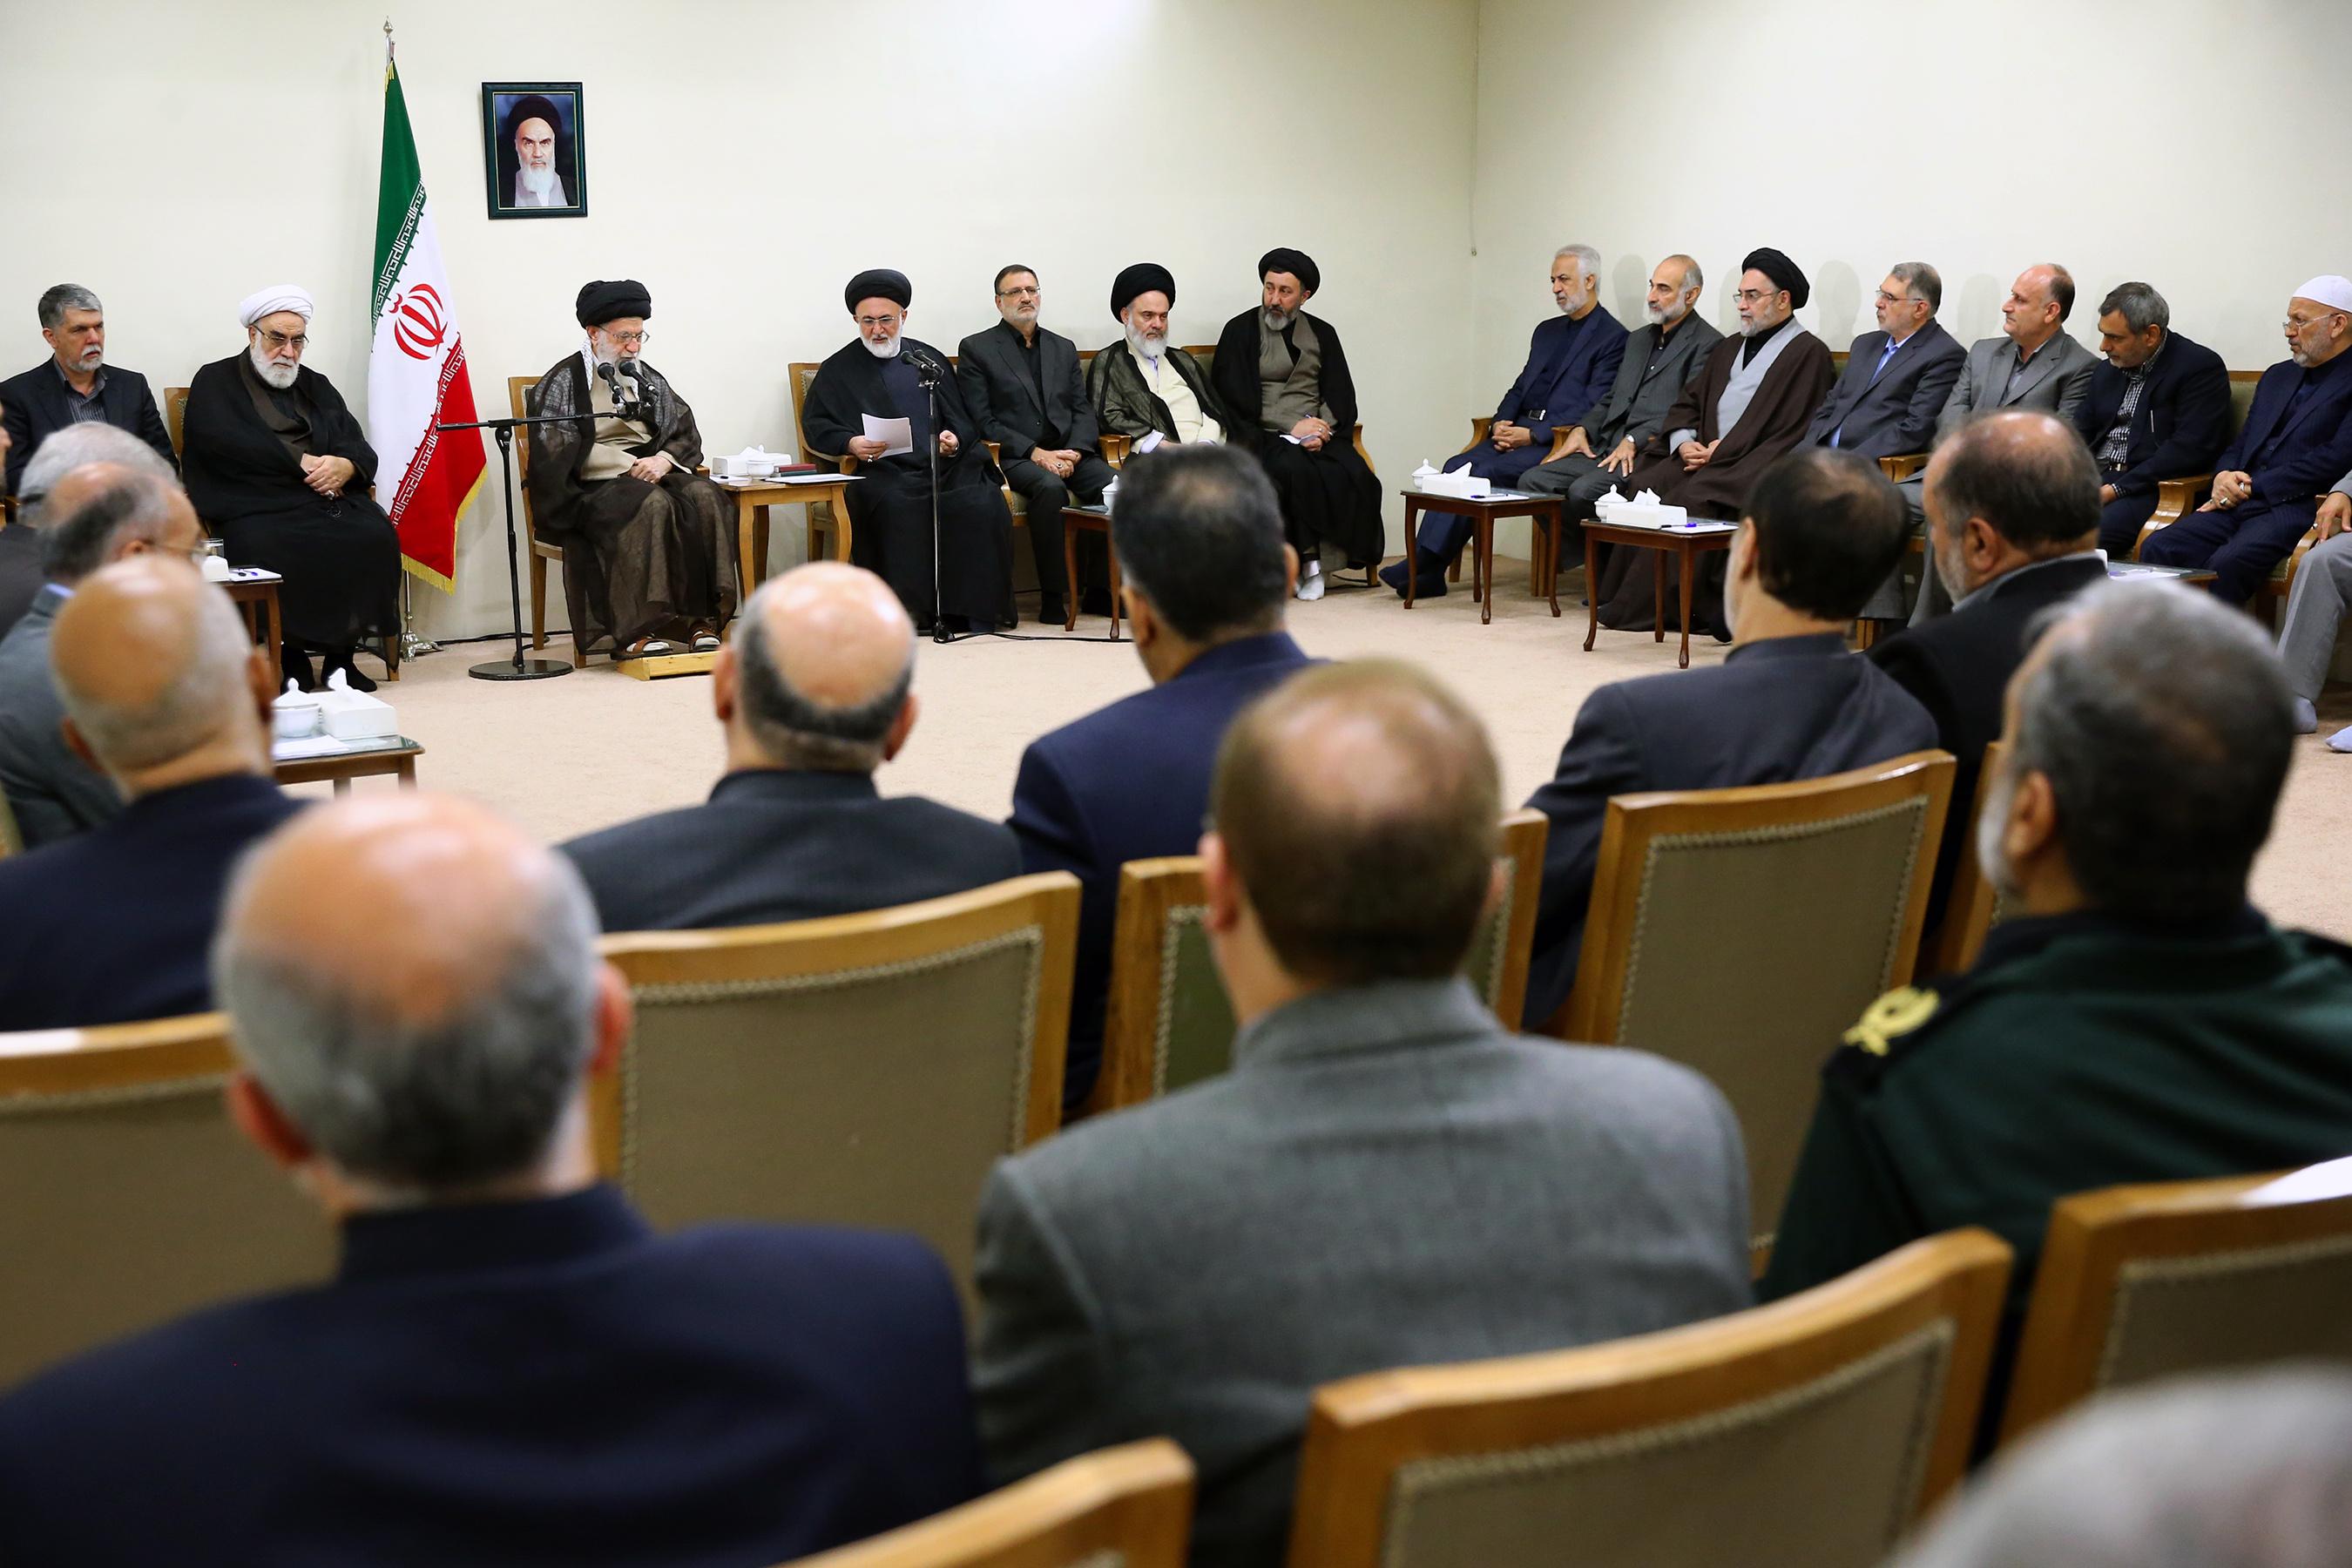 6848784 432 - از دیدار خانواده شهید حججی با رهبر انقلاب تلا نامه وکیل احمدی نژاد به نمایندگان مجلس